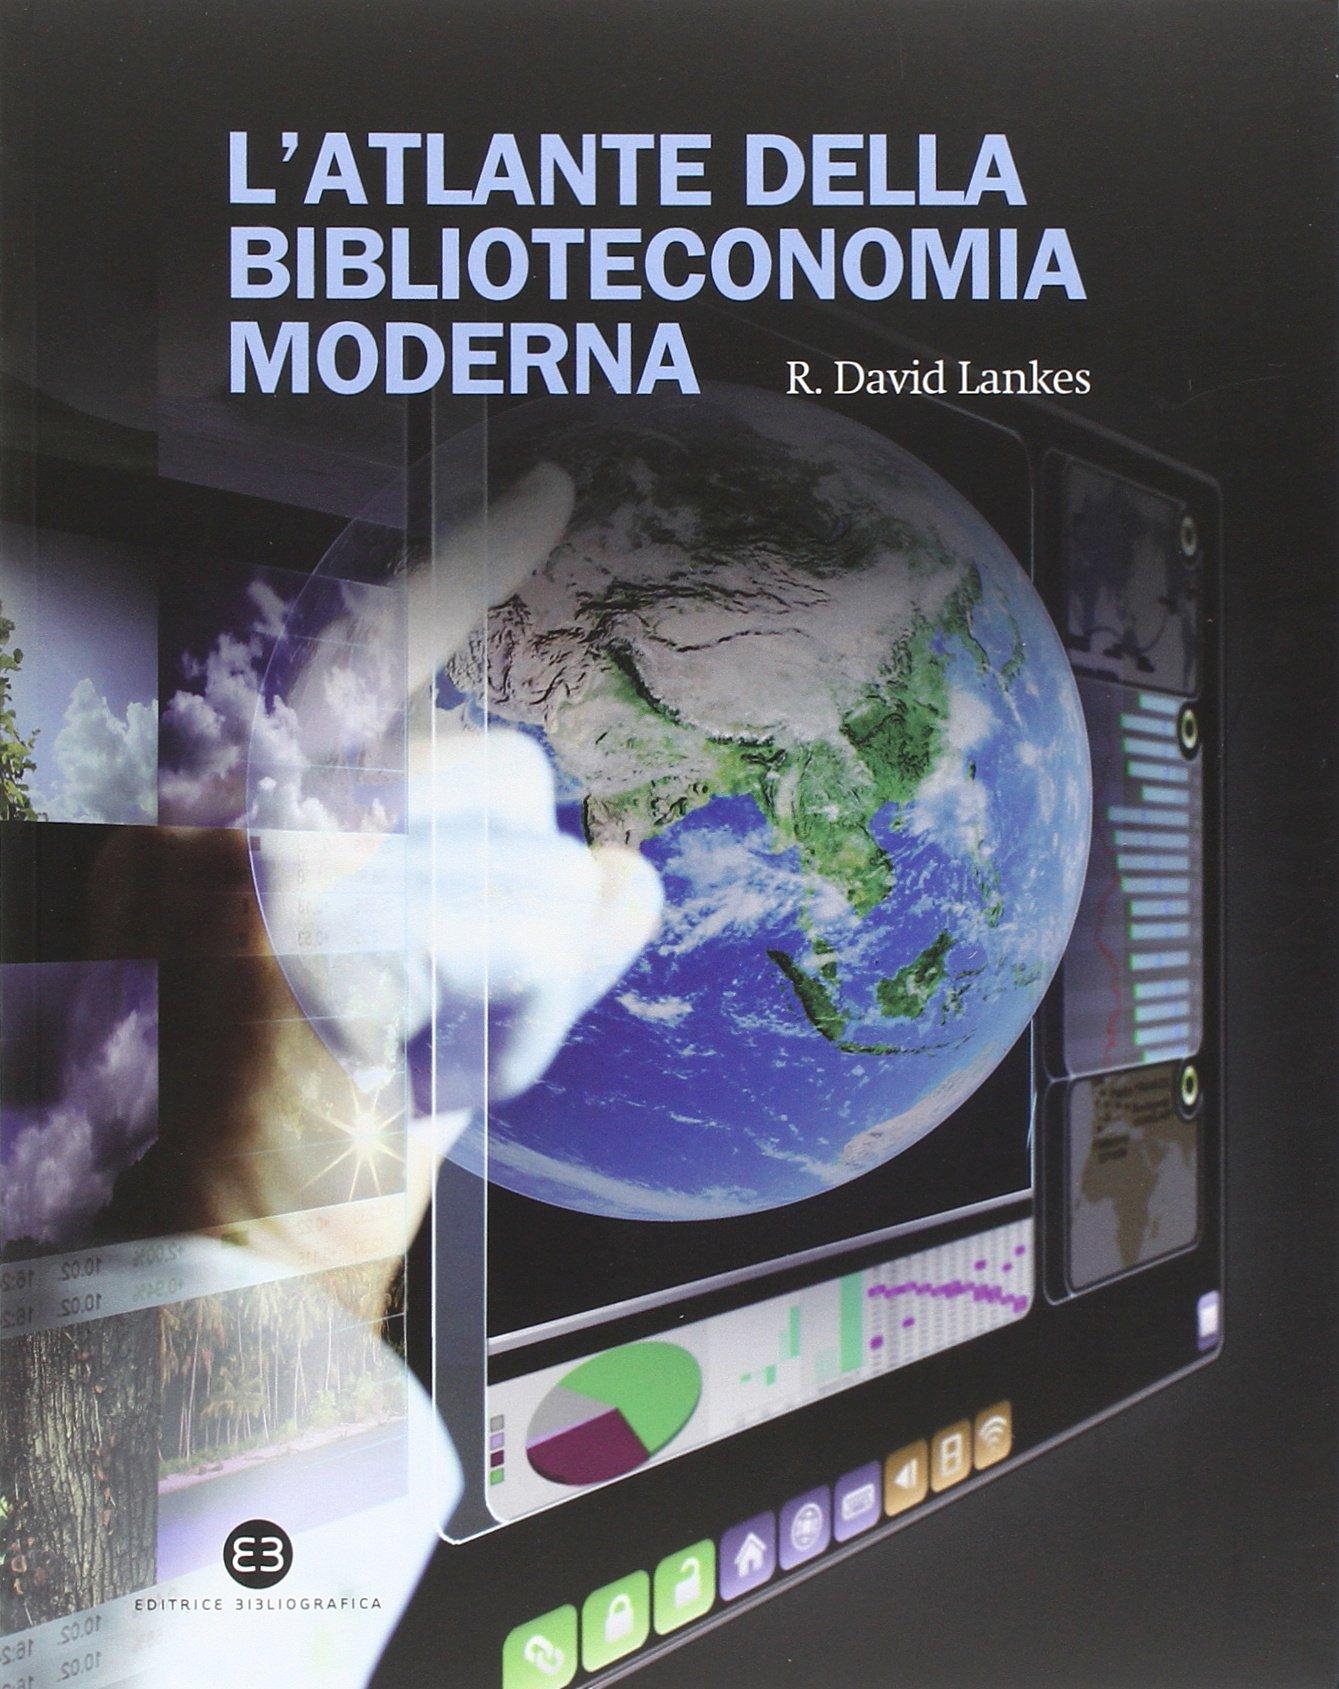 L'atlante della biblioteconomia moderna Copertina flessibile – 13 mar 2014 David R. Lankes A. M. Tammaro E. Corradini Editrice Bibliografica